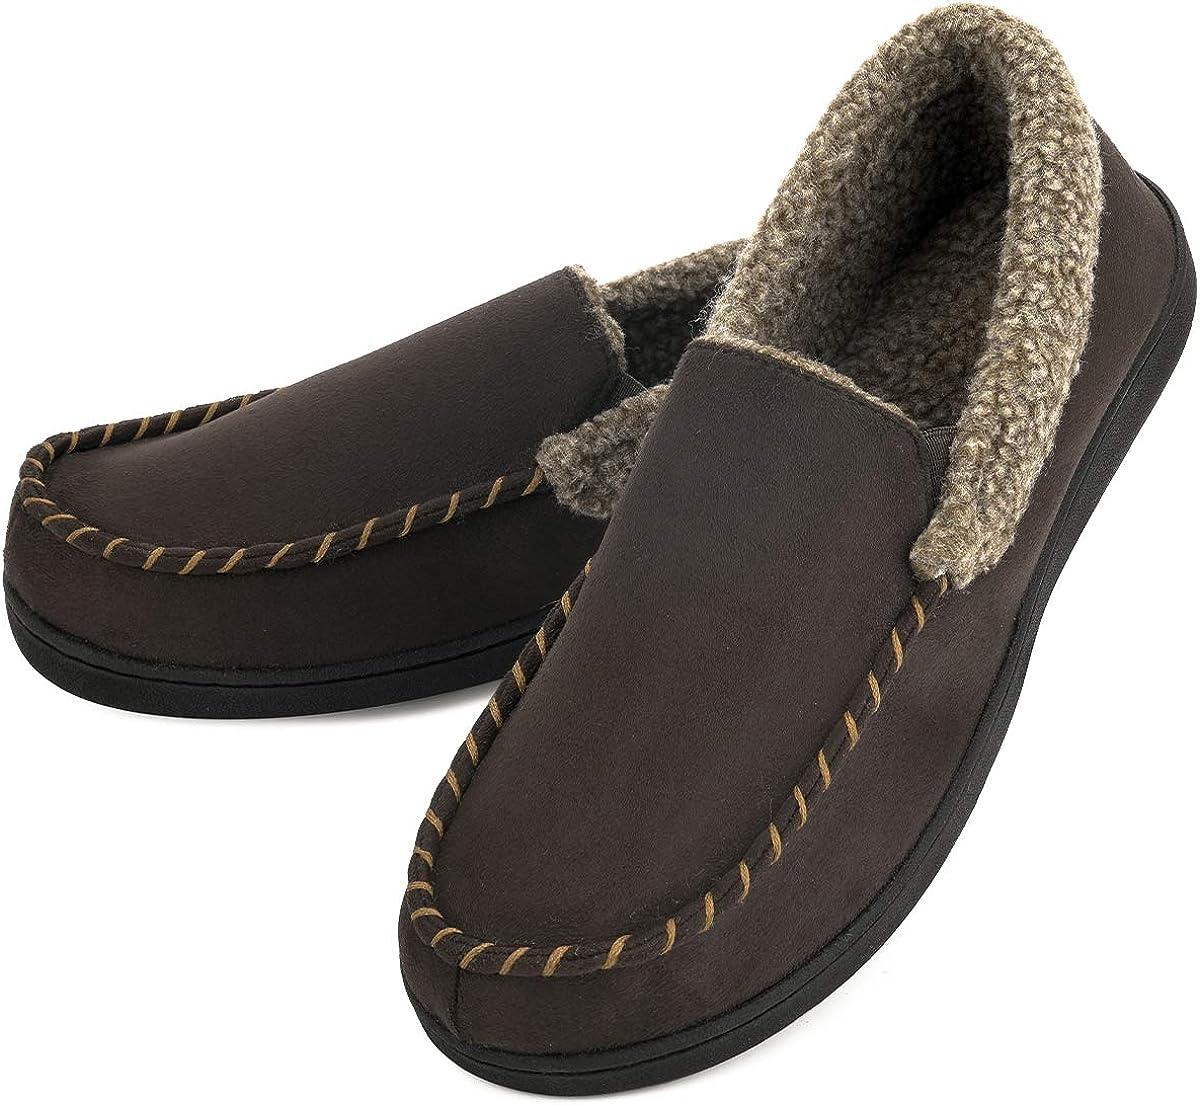 Men's Moccasin Slippers Fuzzy House Shoes Fleece Home Memory Foam Indoor Outdoor